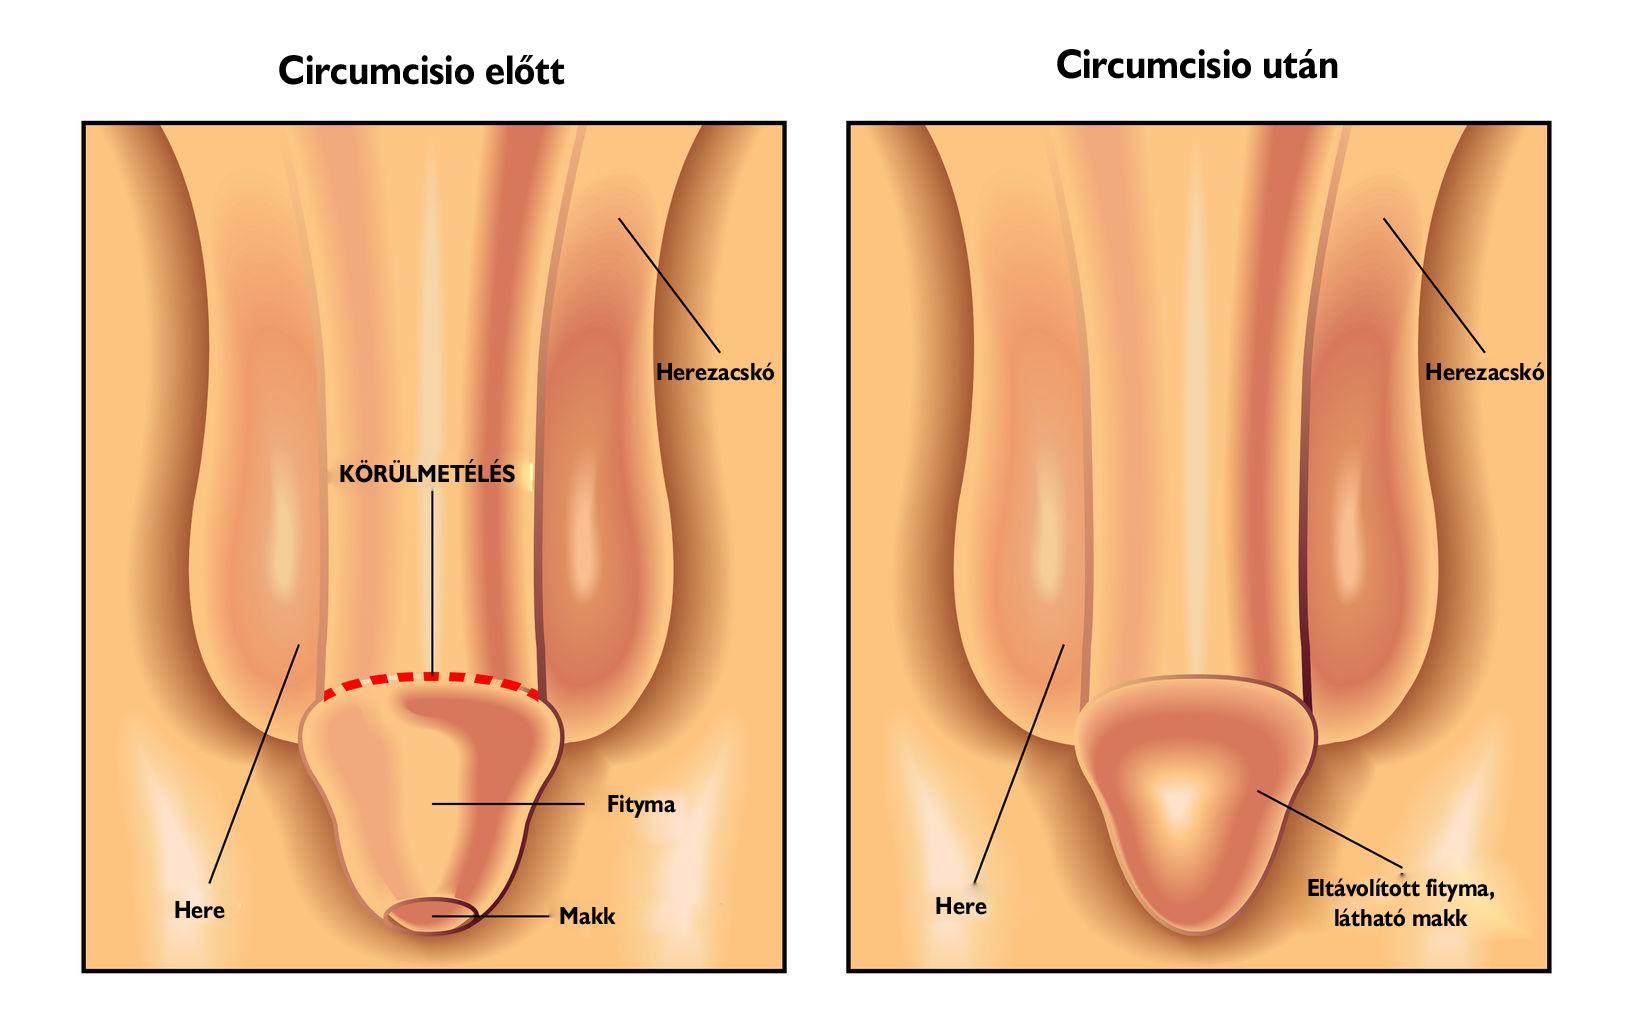 Férfi intimplasztika, pénisznagyobbítás - dr. Pataki Gergely plasztikai sebész